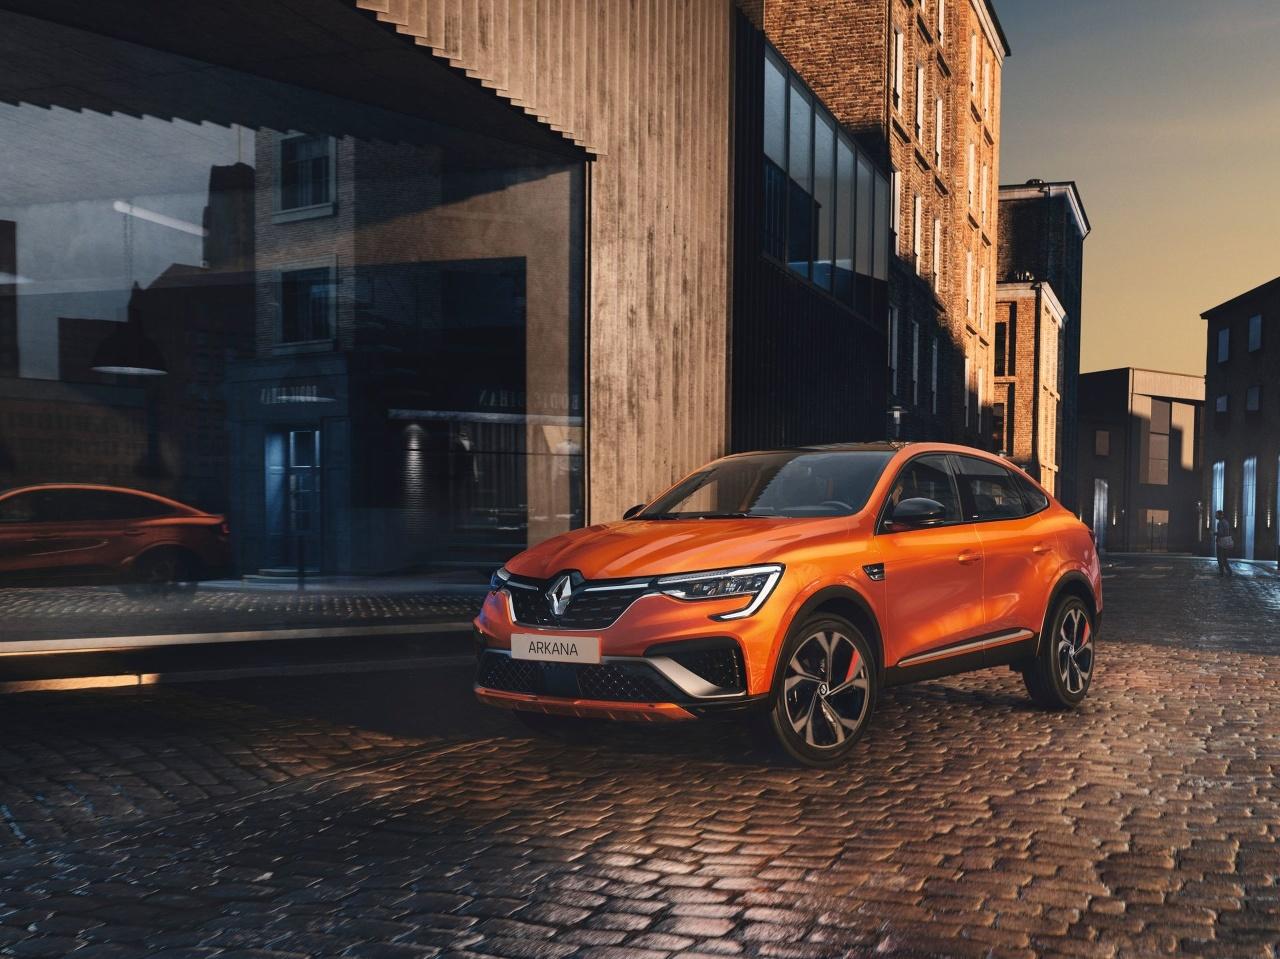 Renault Arkana EU spec